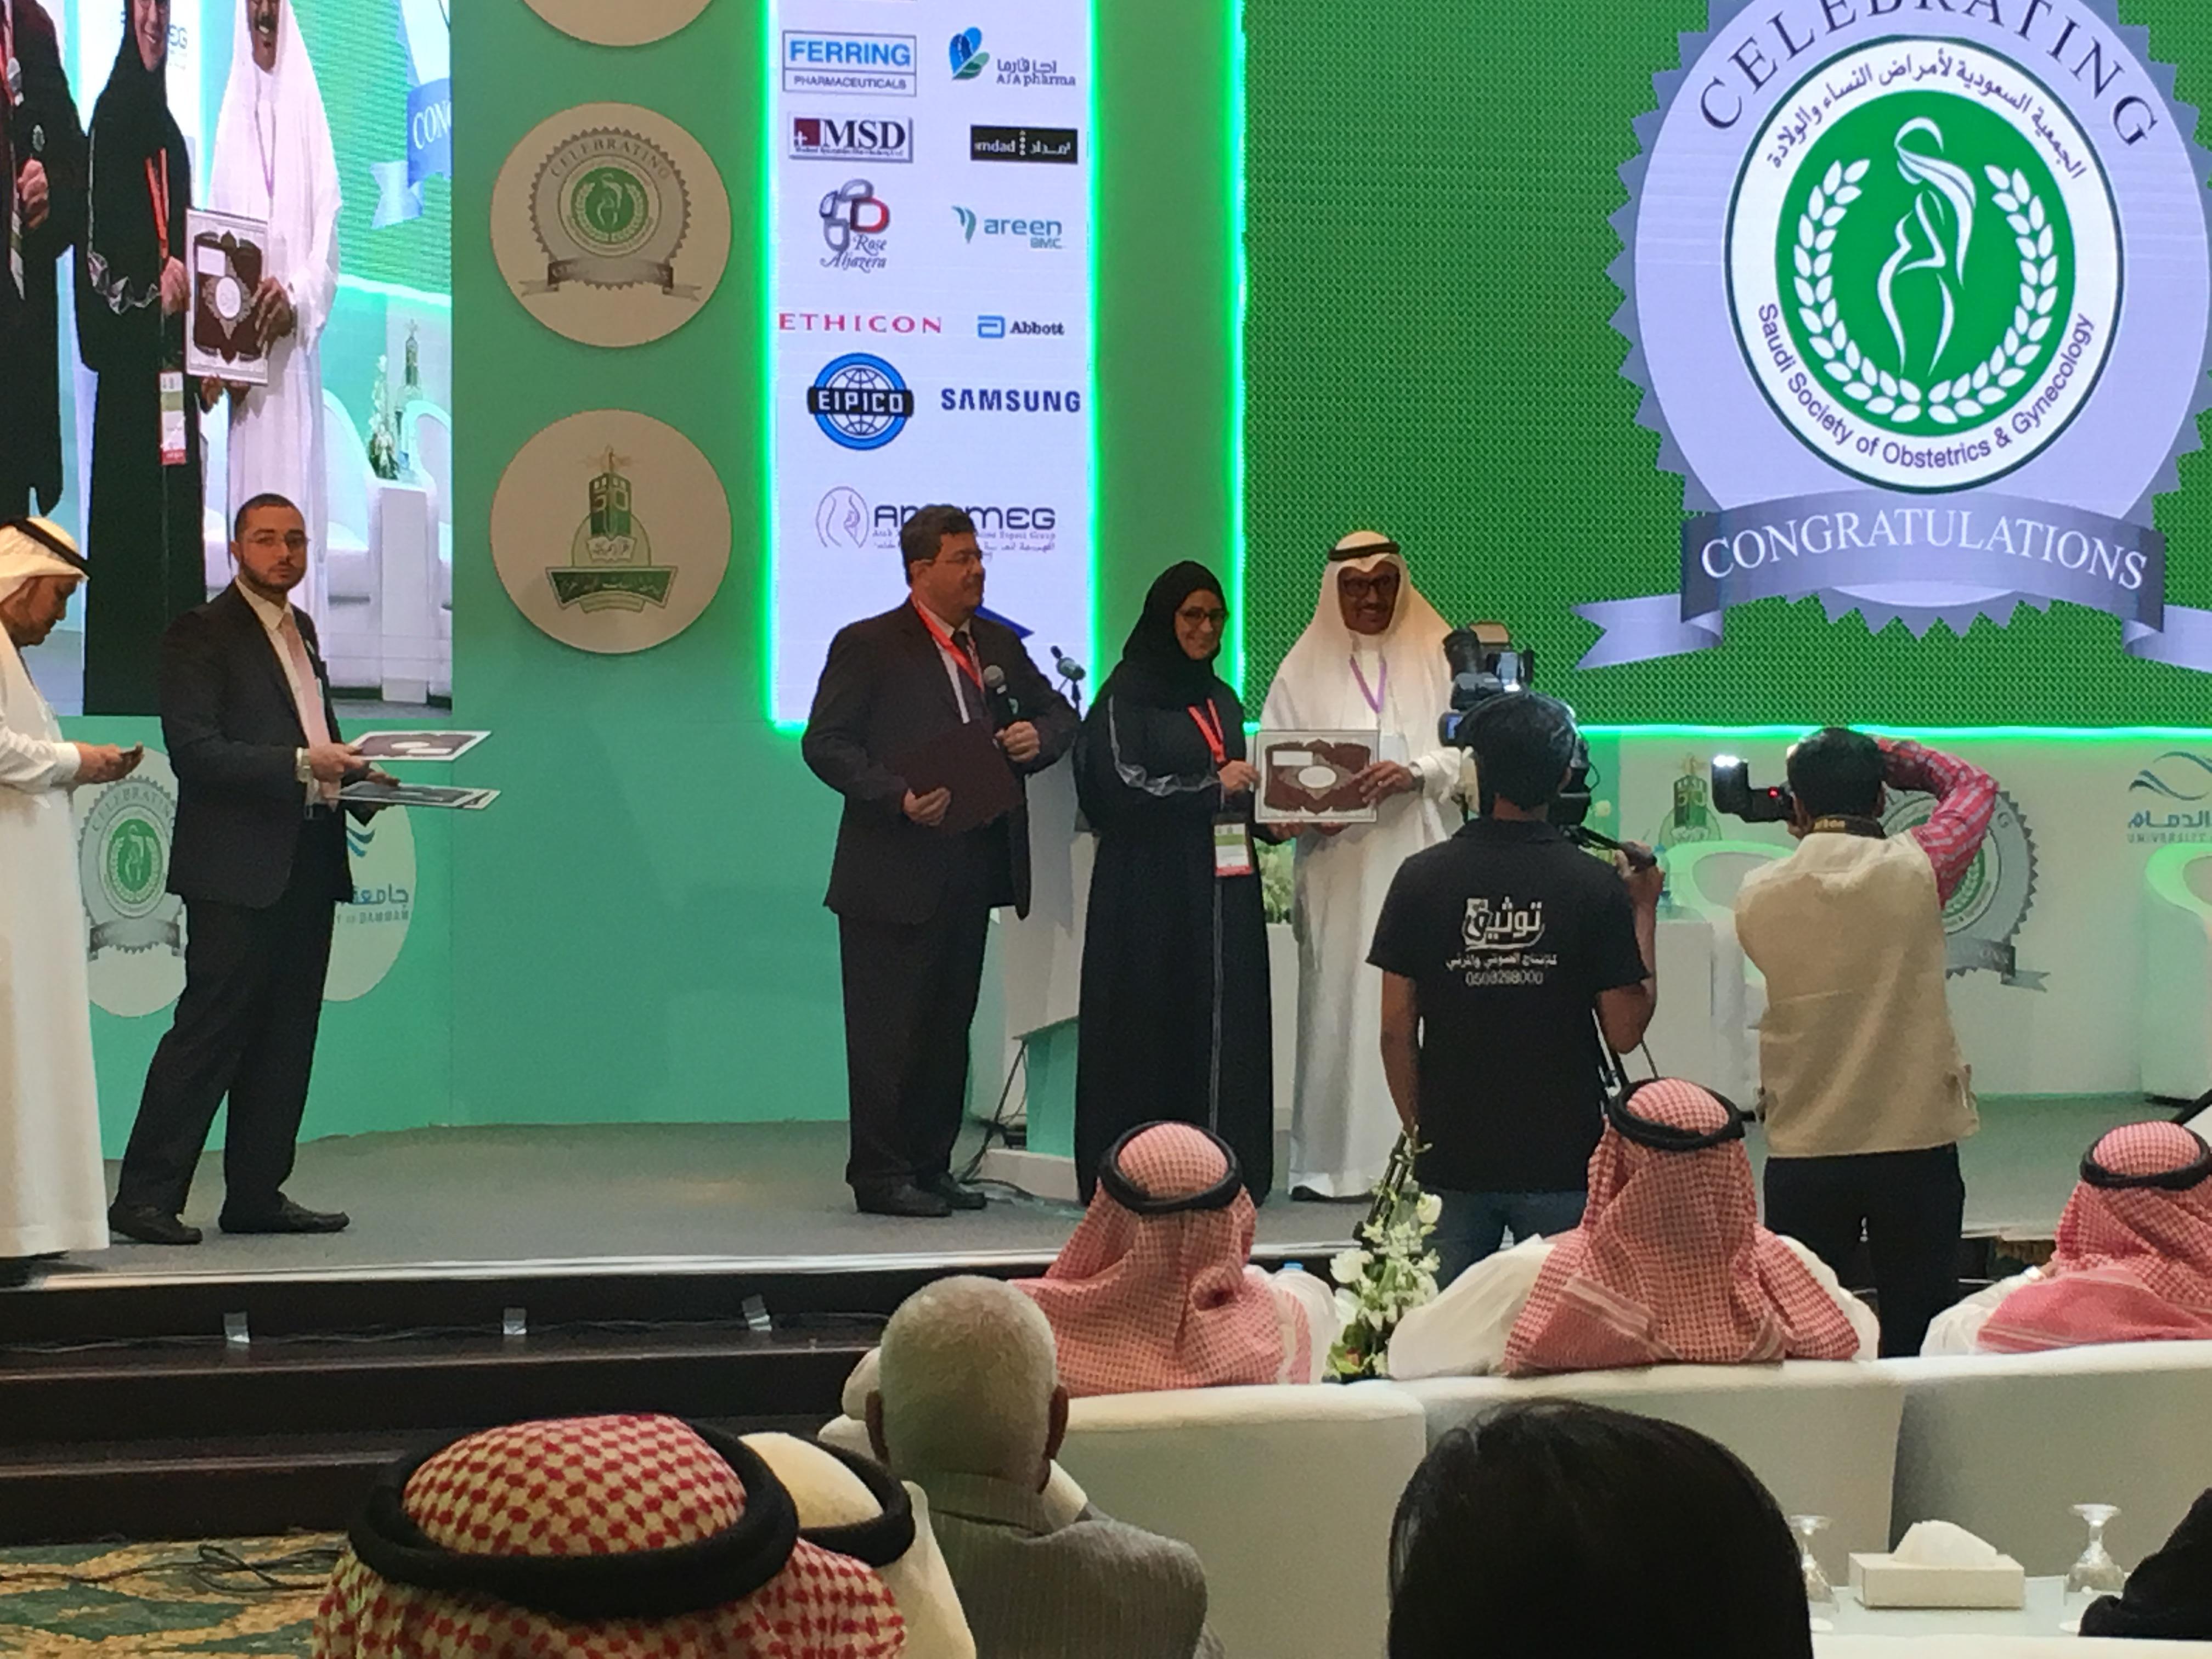 Dr. Roa awarded